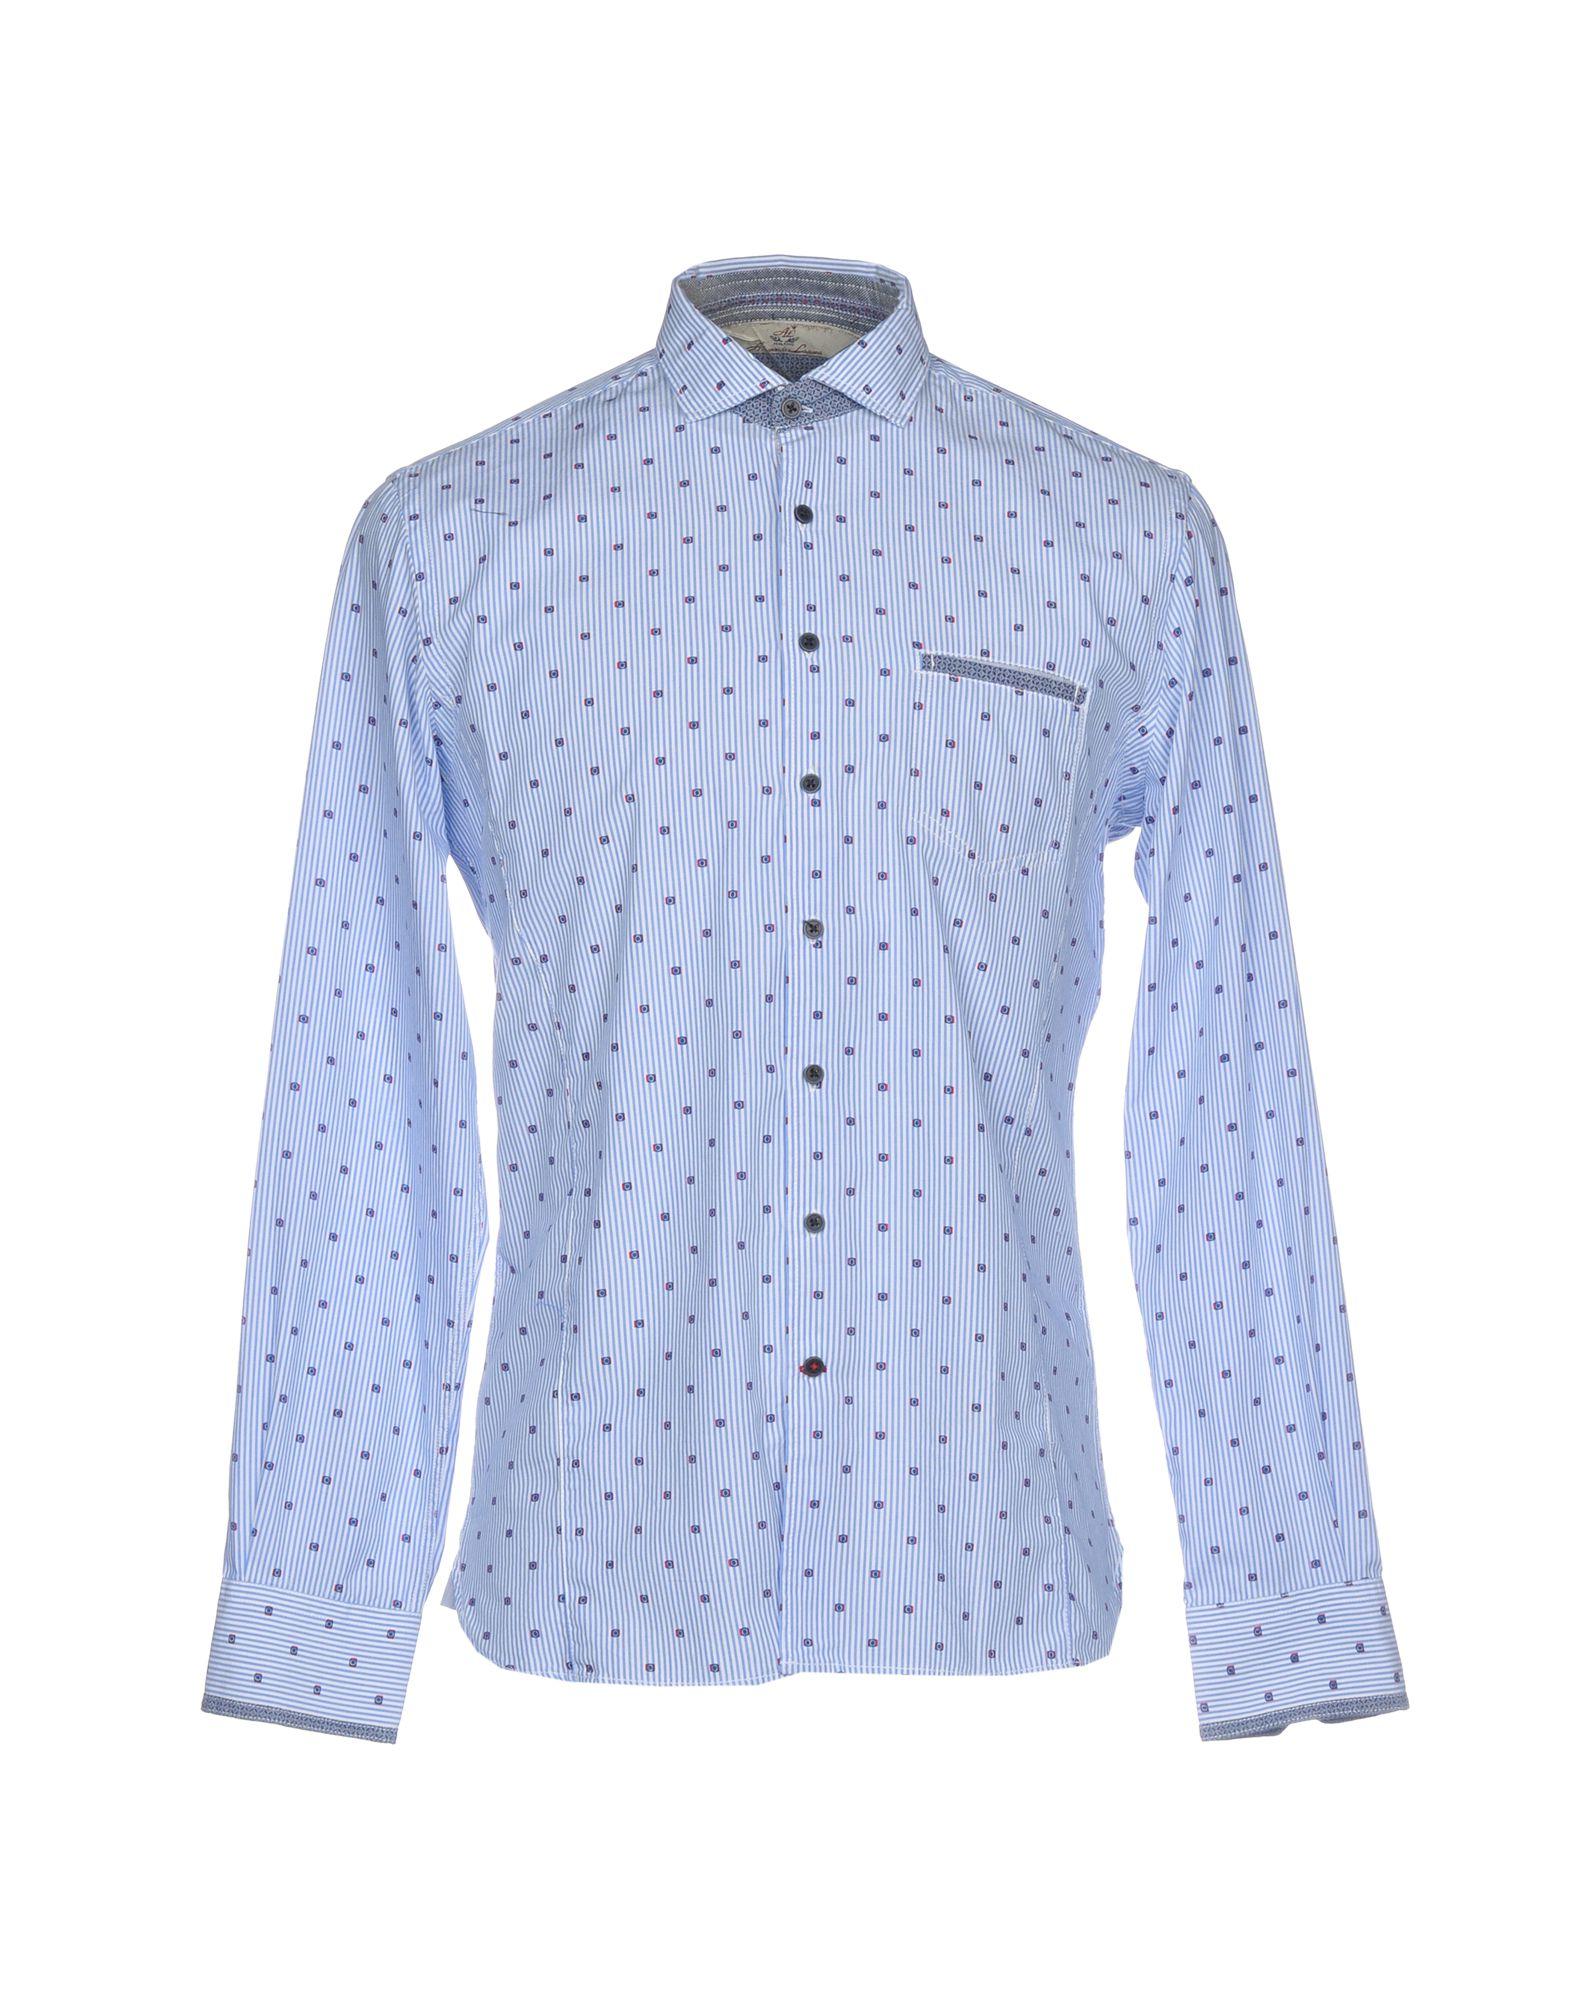 《送料無料》ALESSANDRO LAMURA メンズ シャツ アジュールブルー L コットン 100%